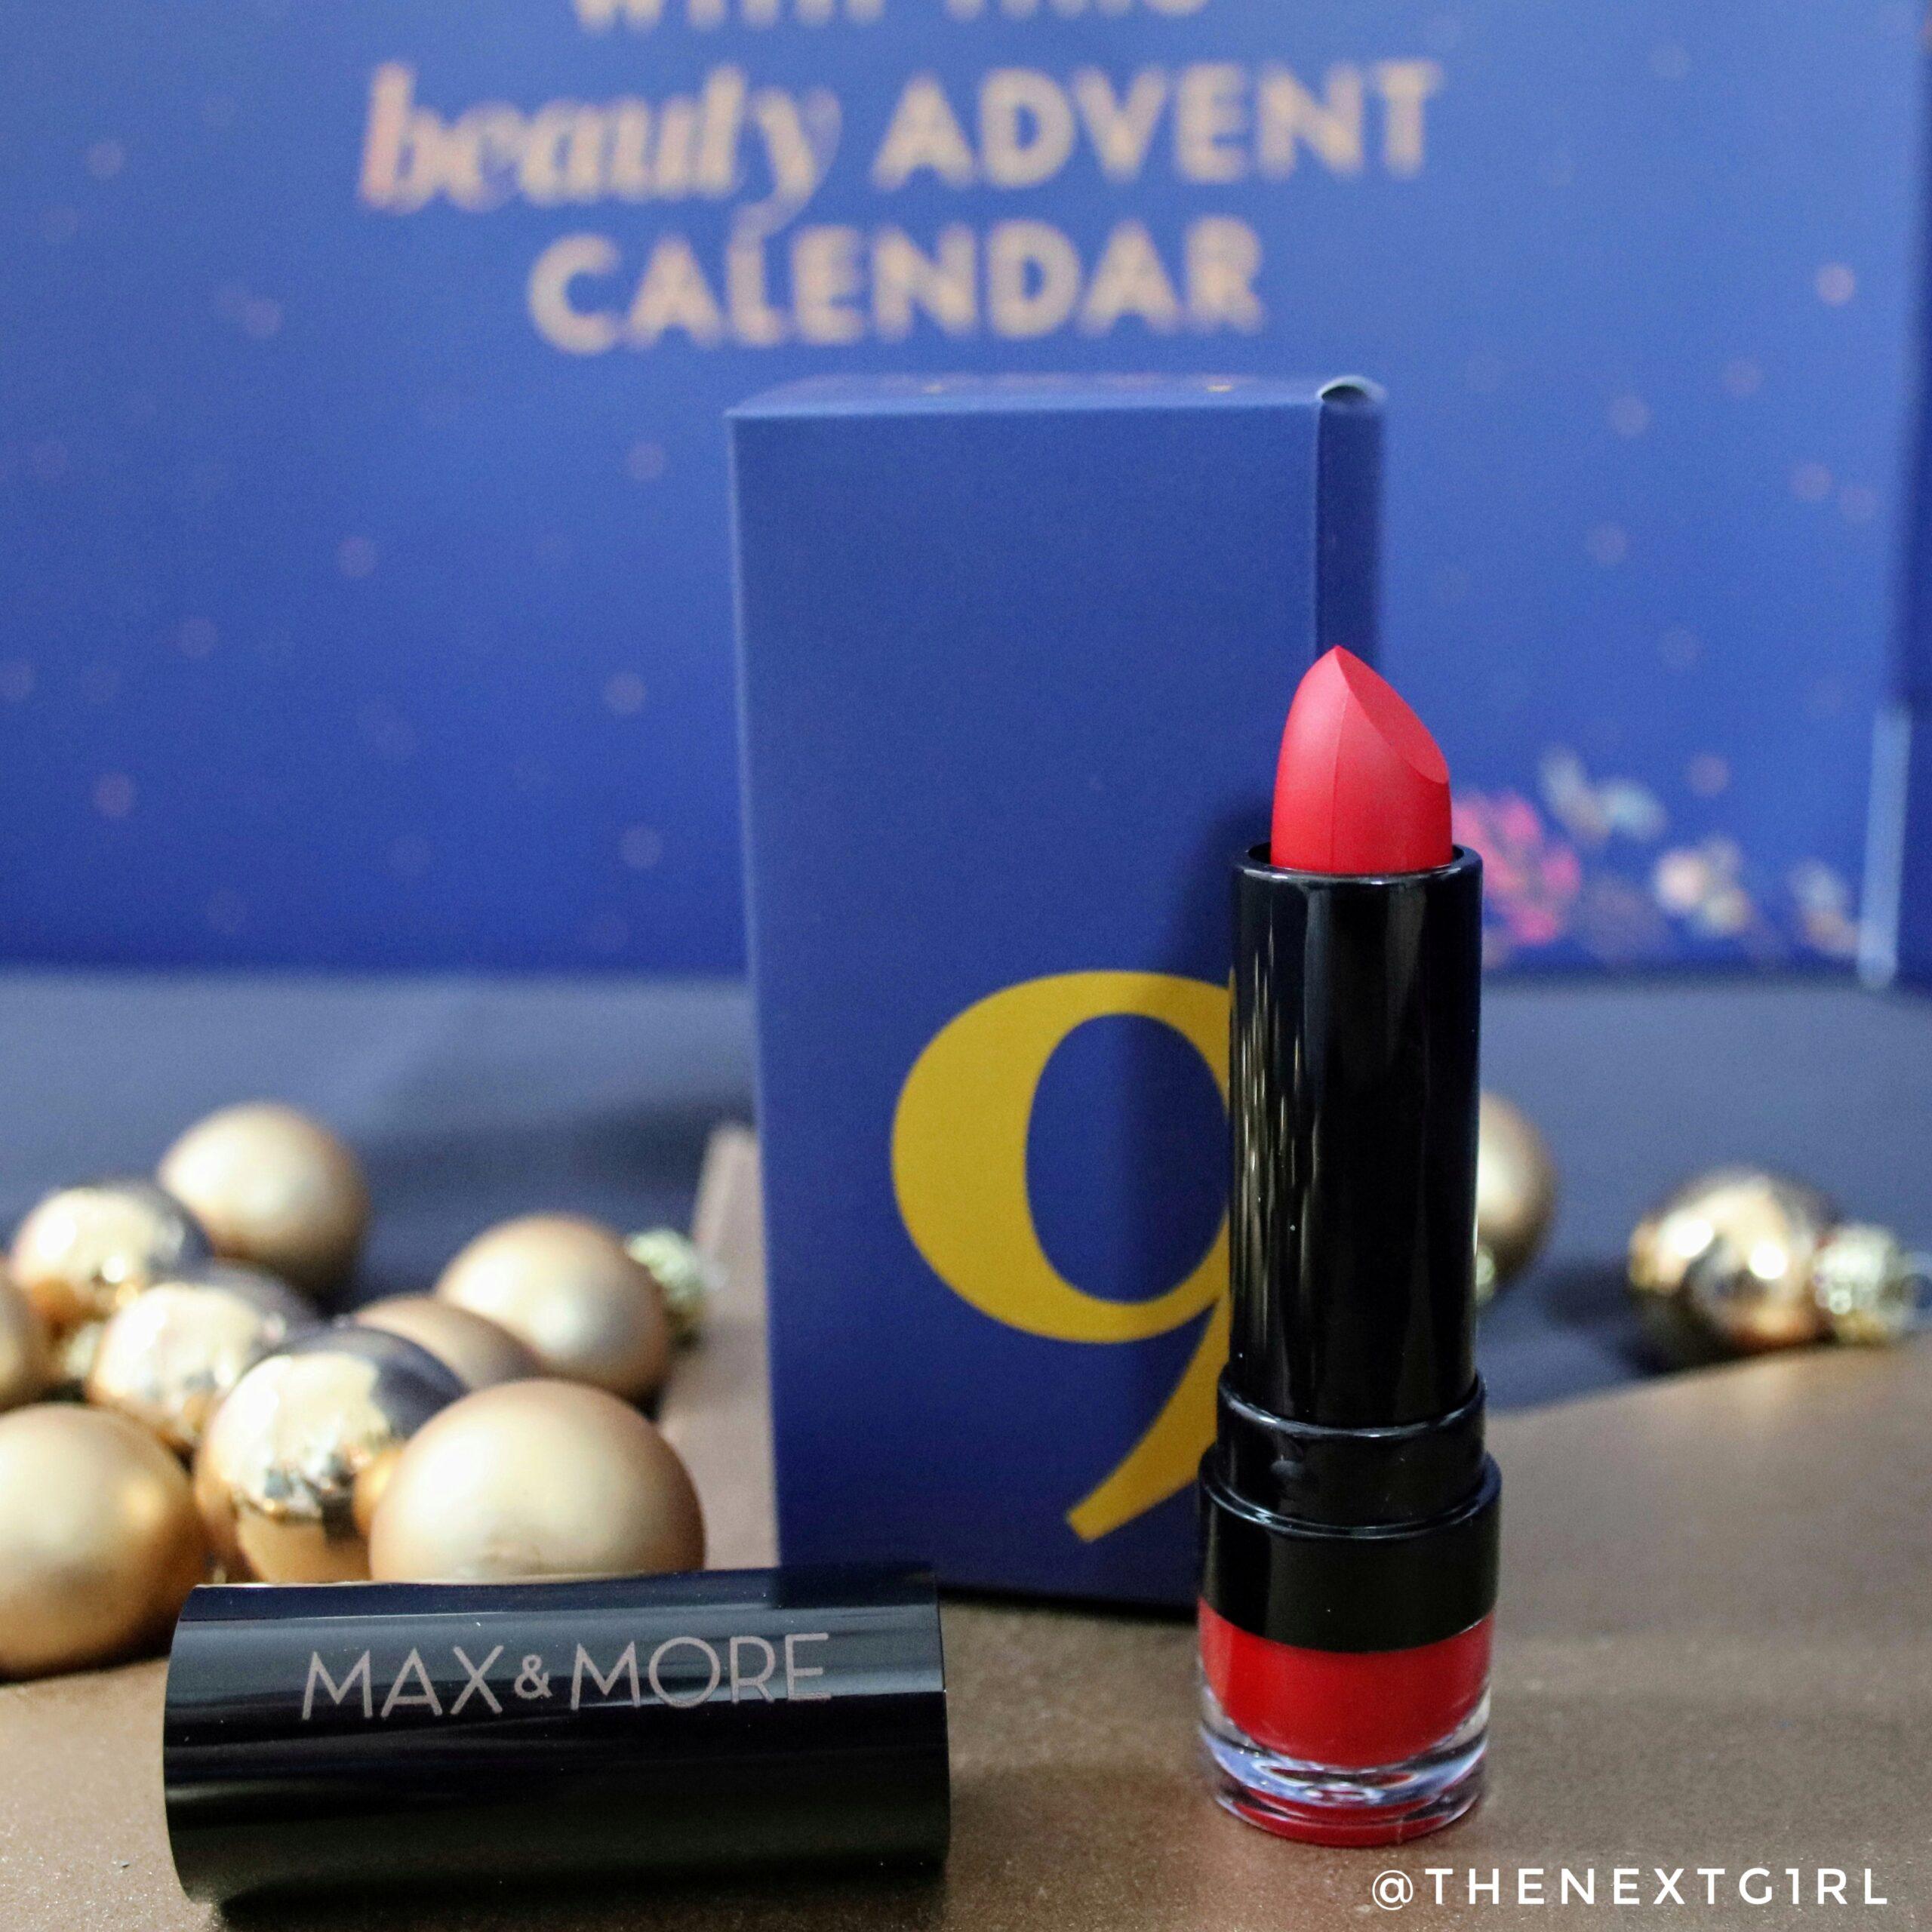 Rode lippenstift Max & More lippenstift kerst 2020